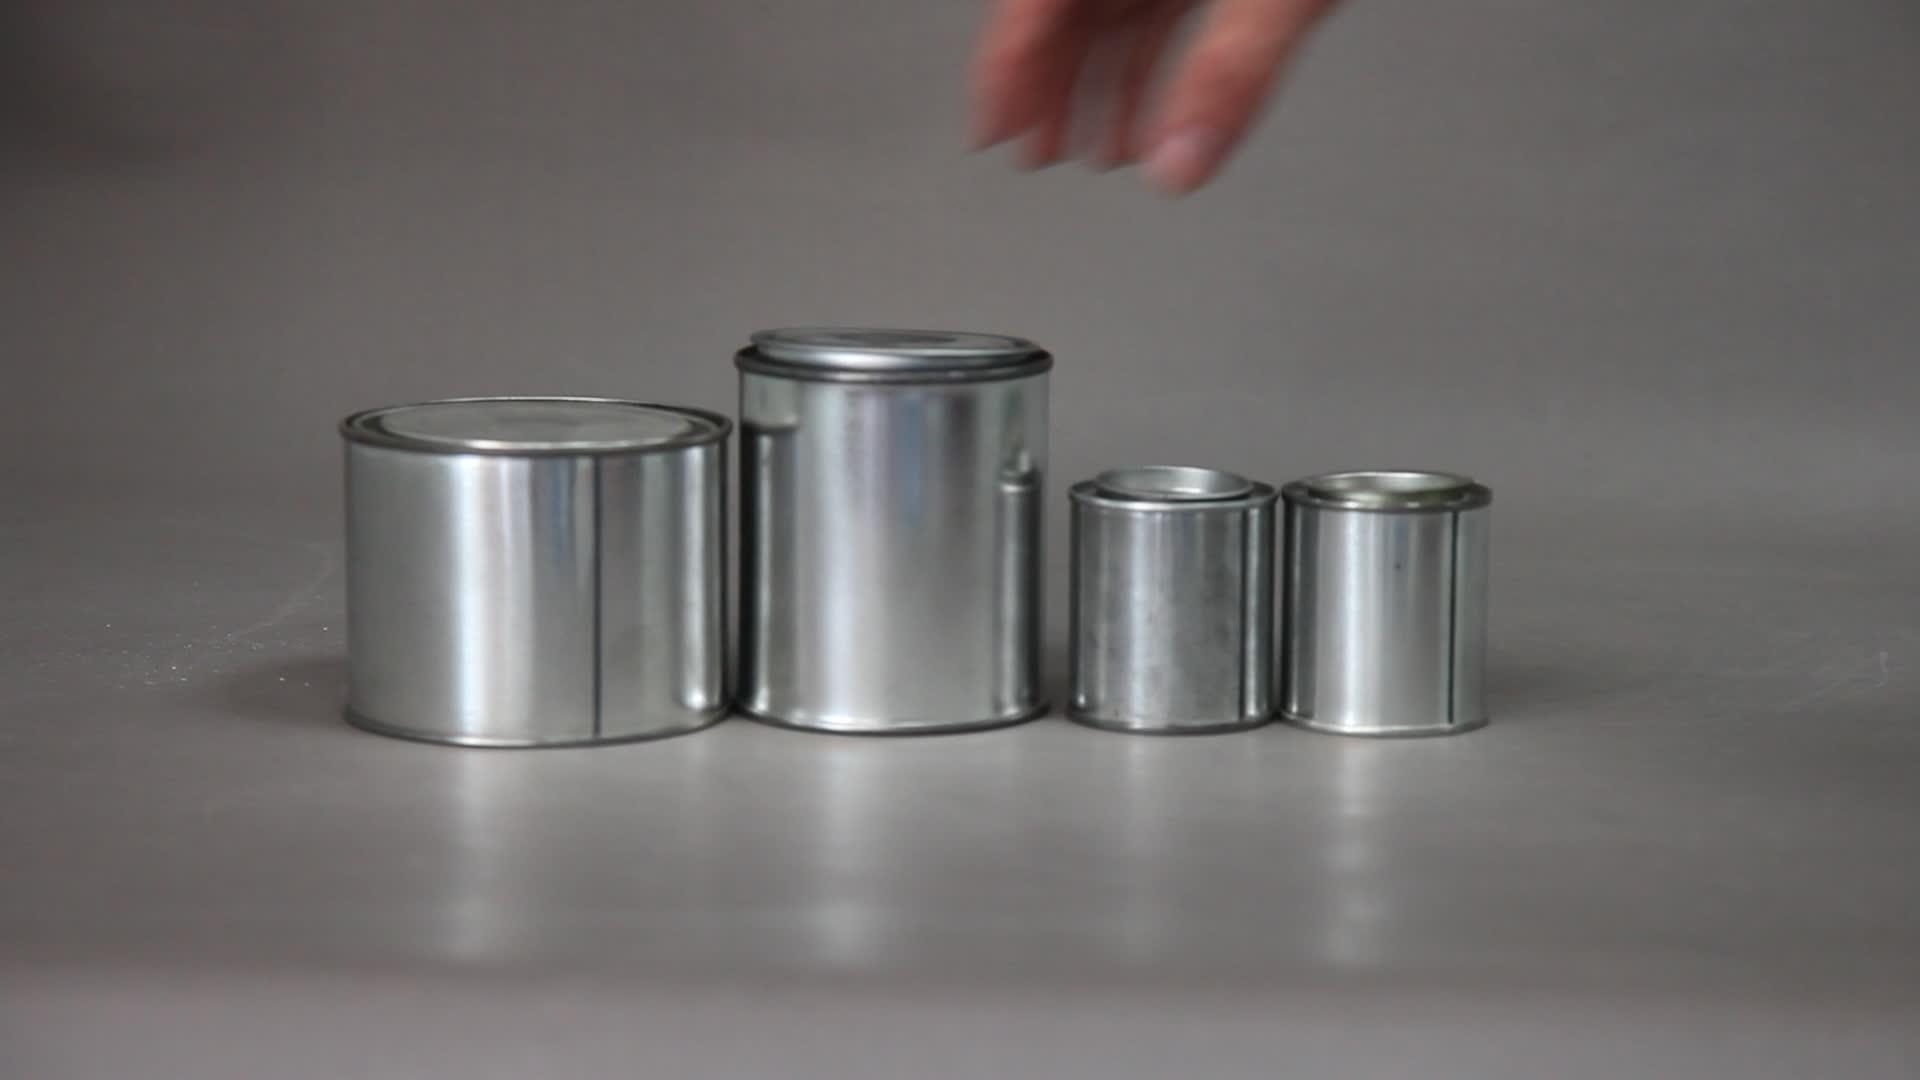 Commercio all'ingrosso di latta guarnizione di facile open end vuoto tonno lattine con pull tab